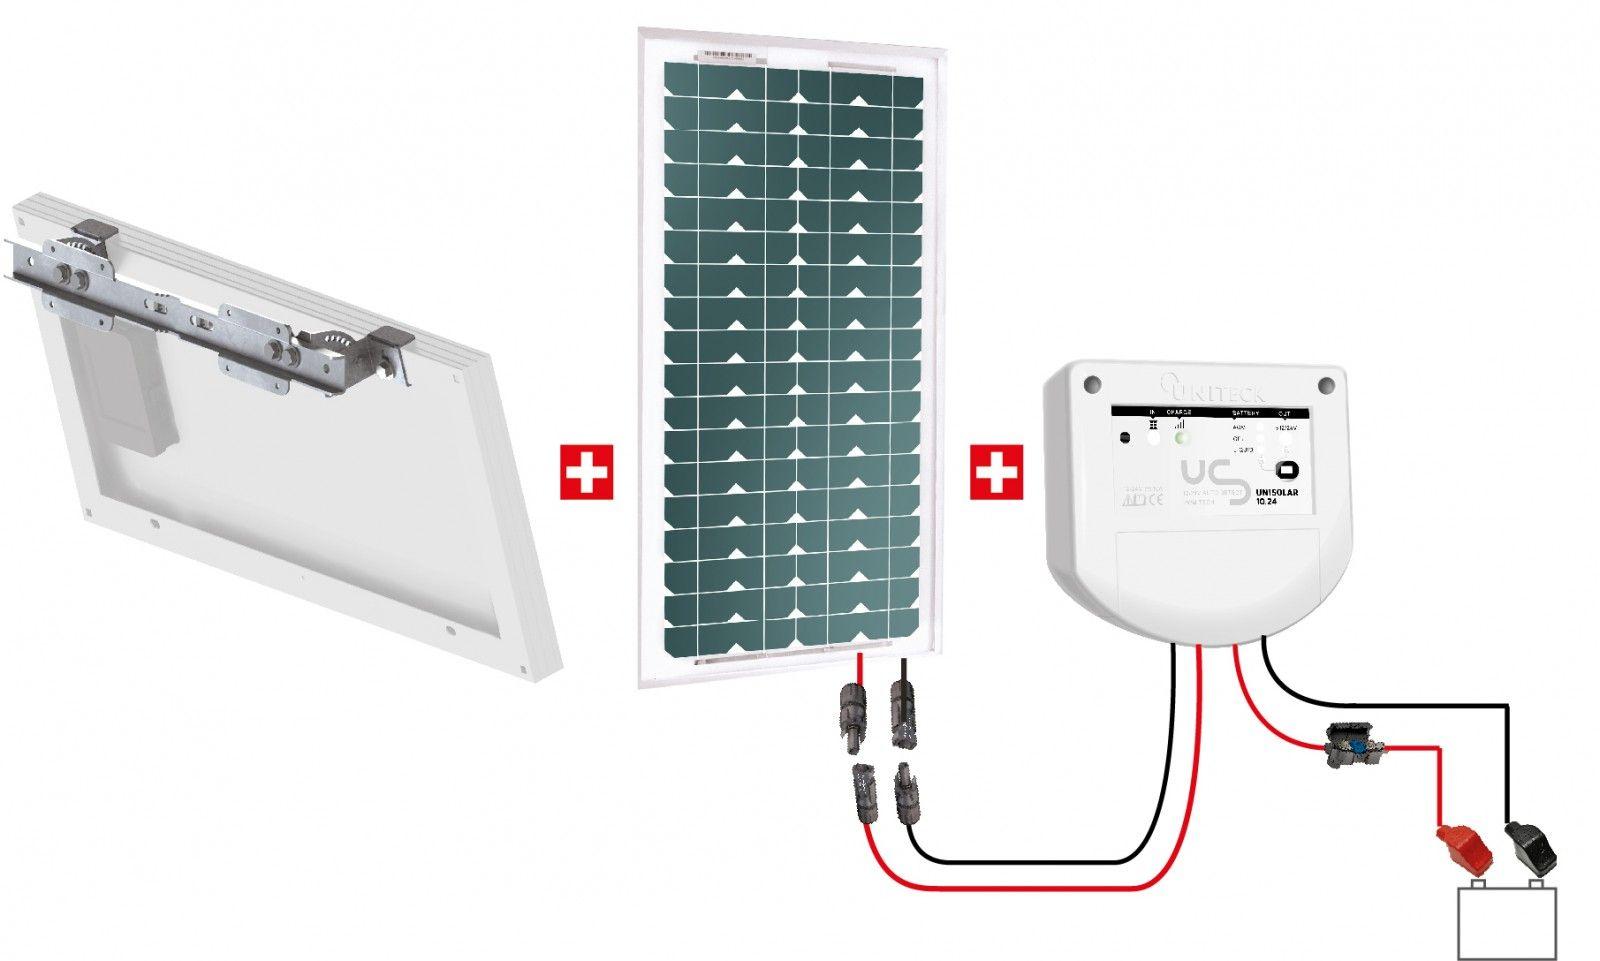 Kit motorisation portail solaire 24v uniteck 20w for Portail electrique solaire